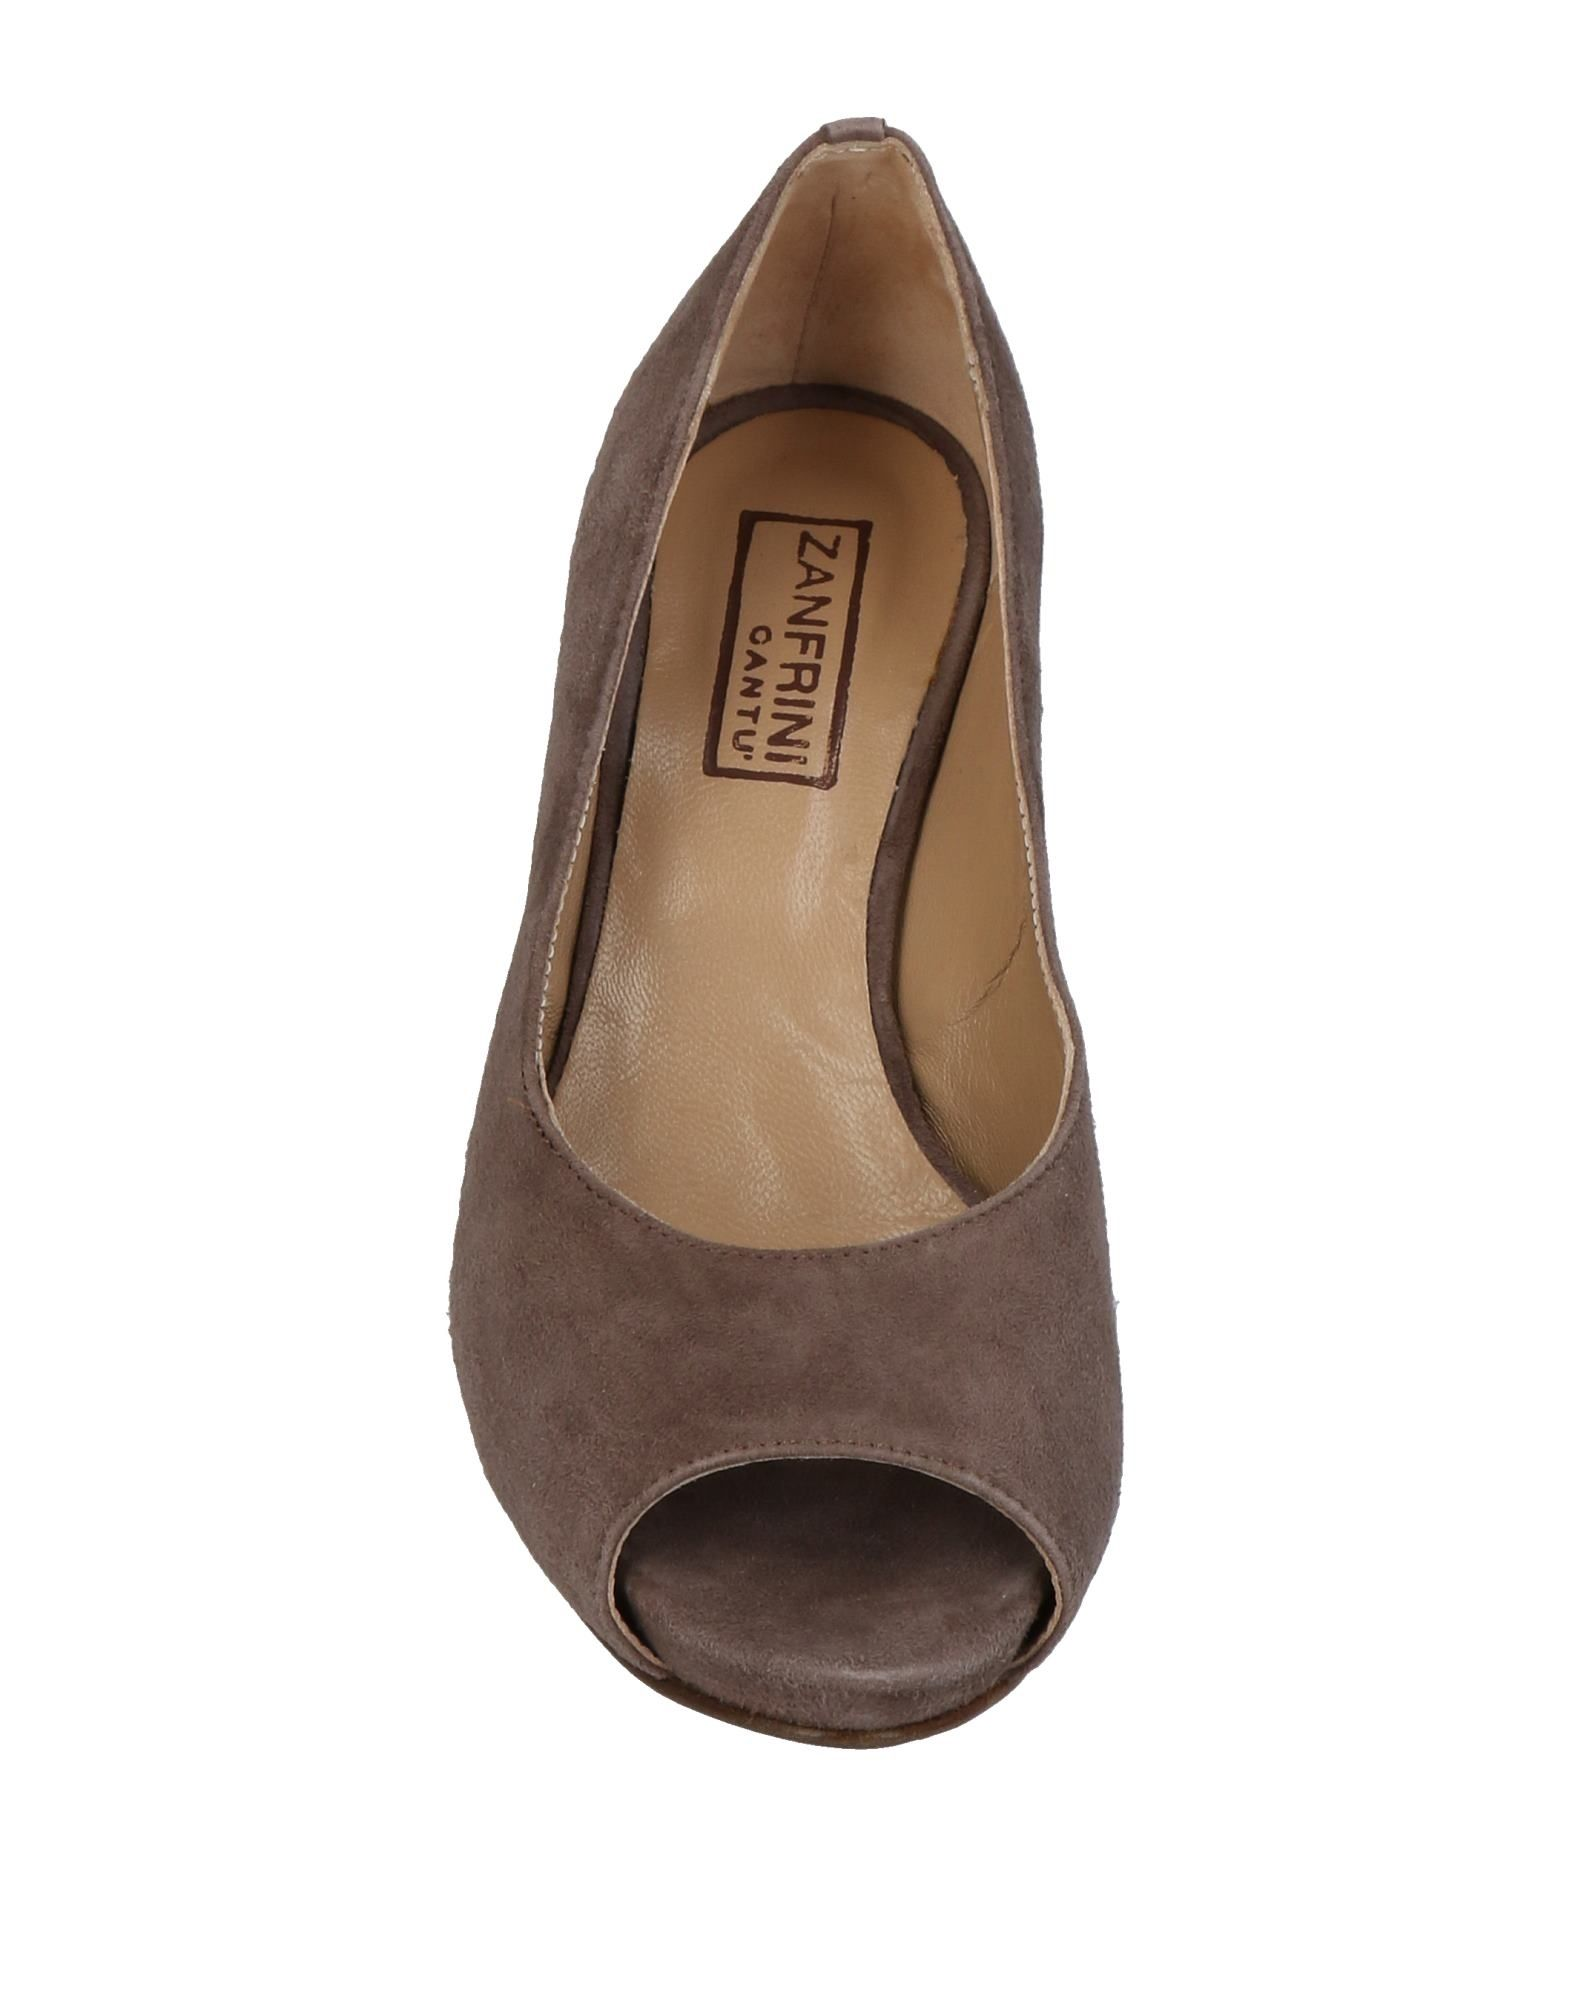 Zanfrini Cantù Pumps Damen Gute  11432870UX Gute Damen Qualität beliebte Schuhe 485f97